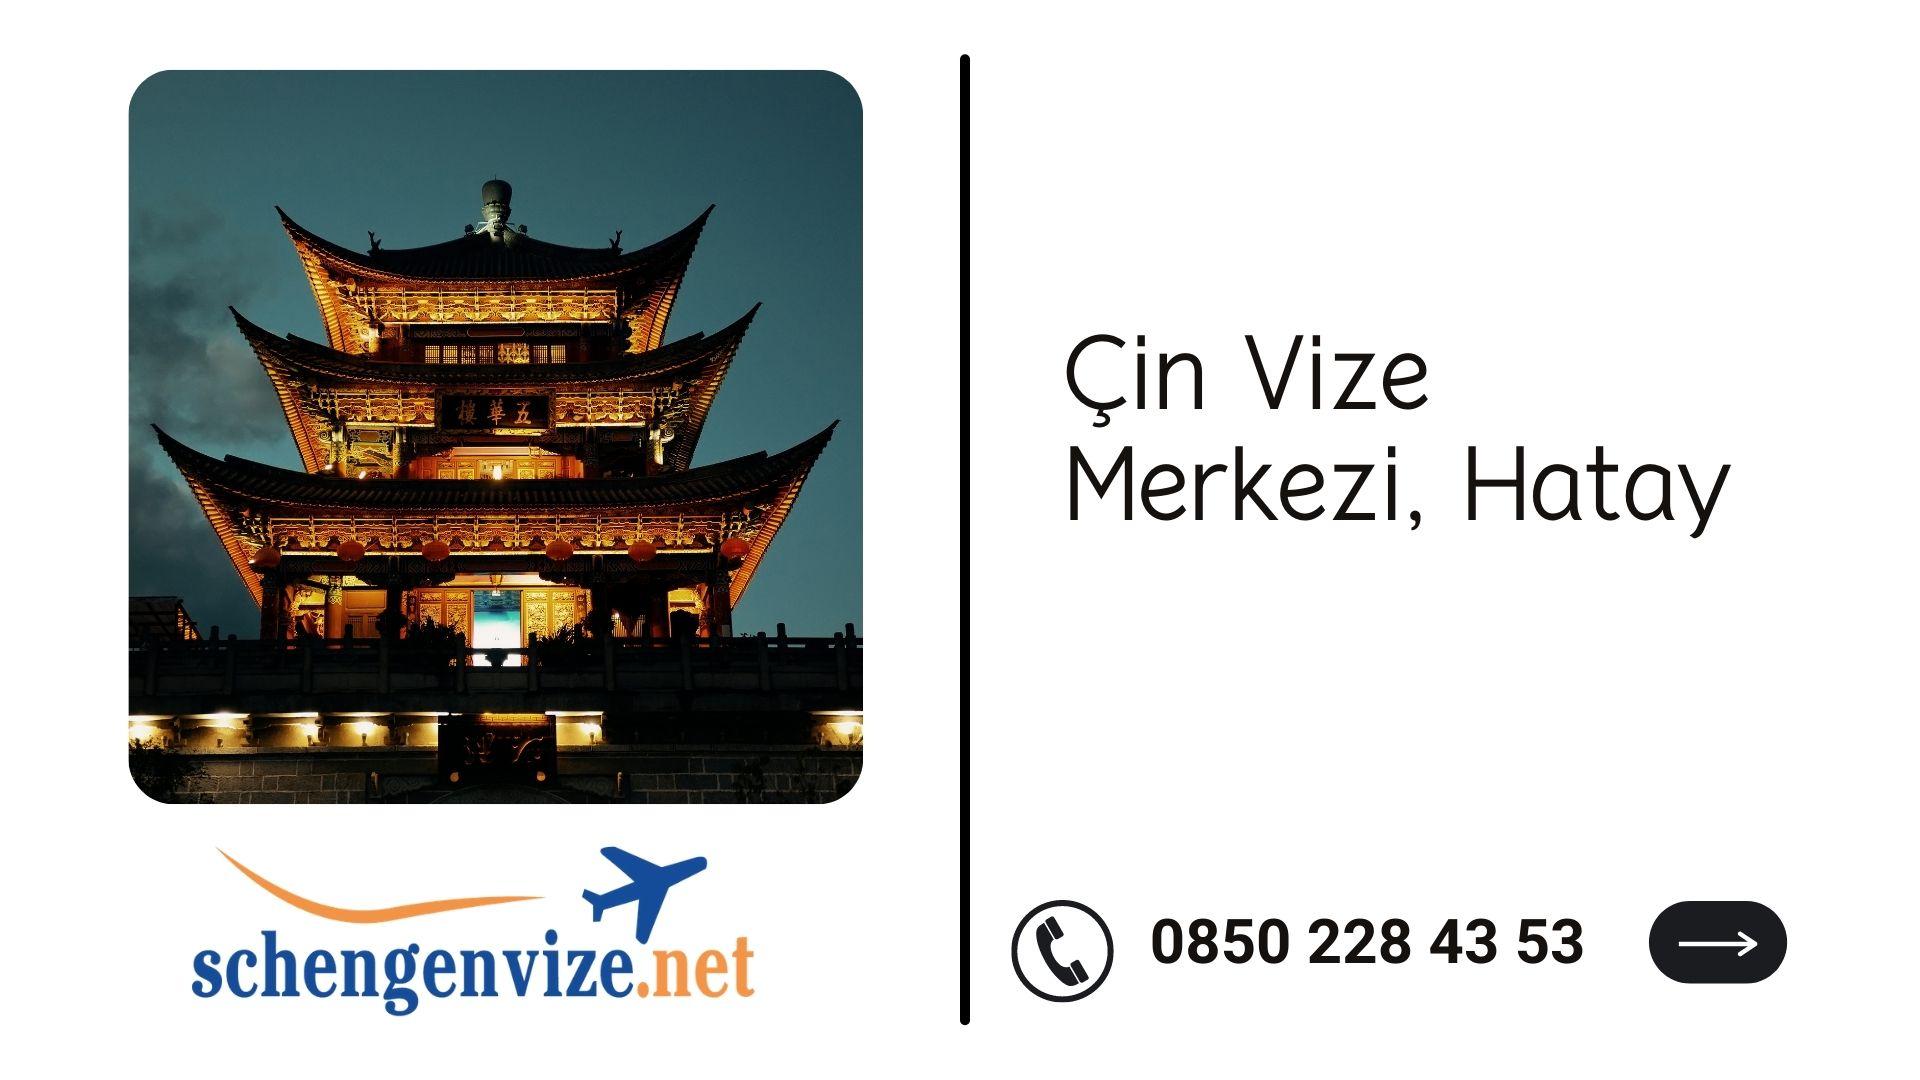 Çin Vize Merkezi, Hatay